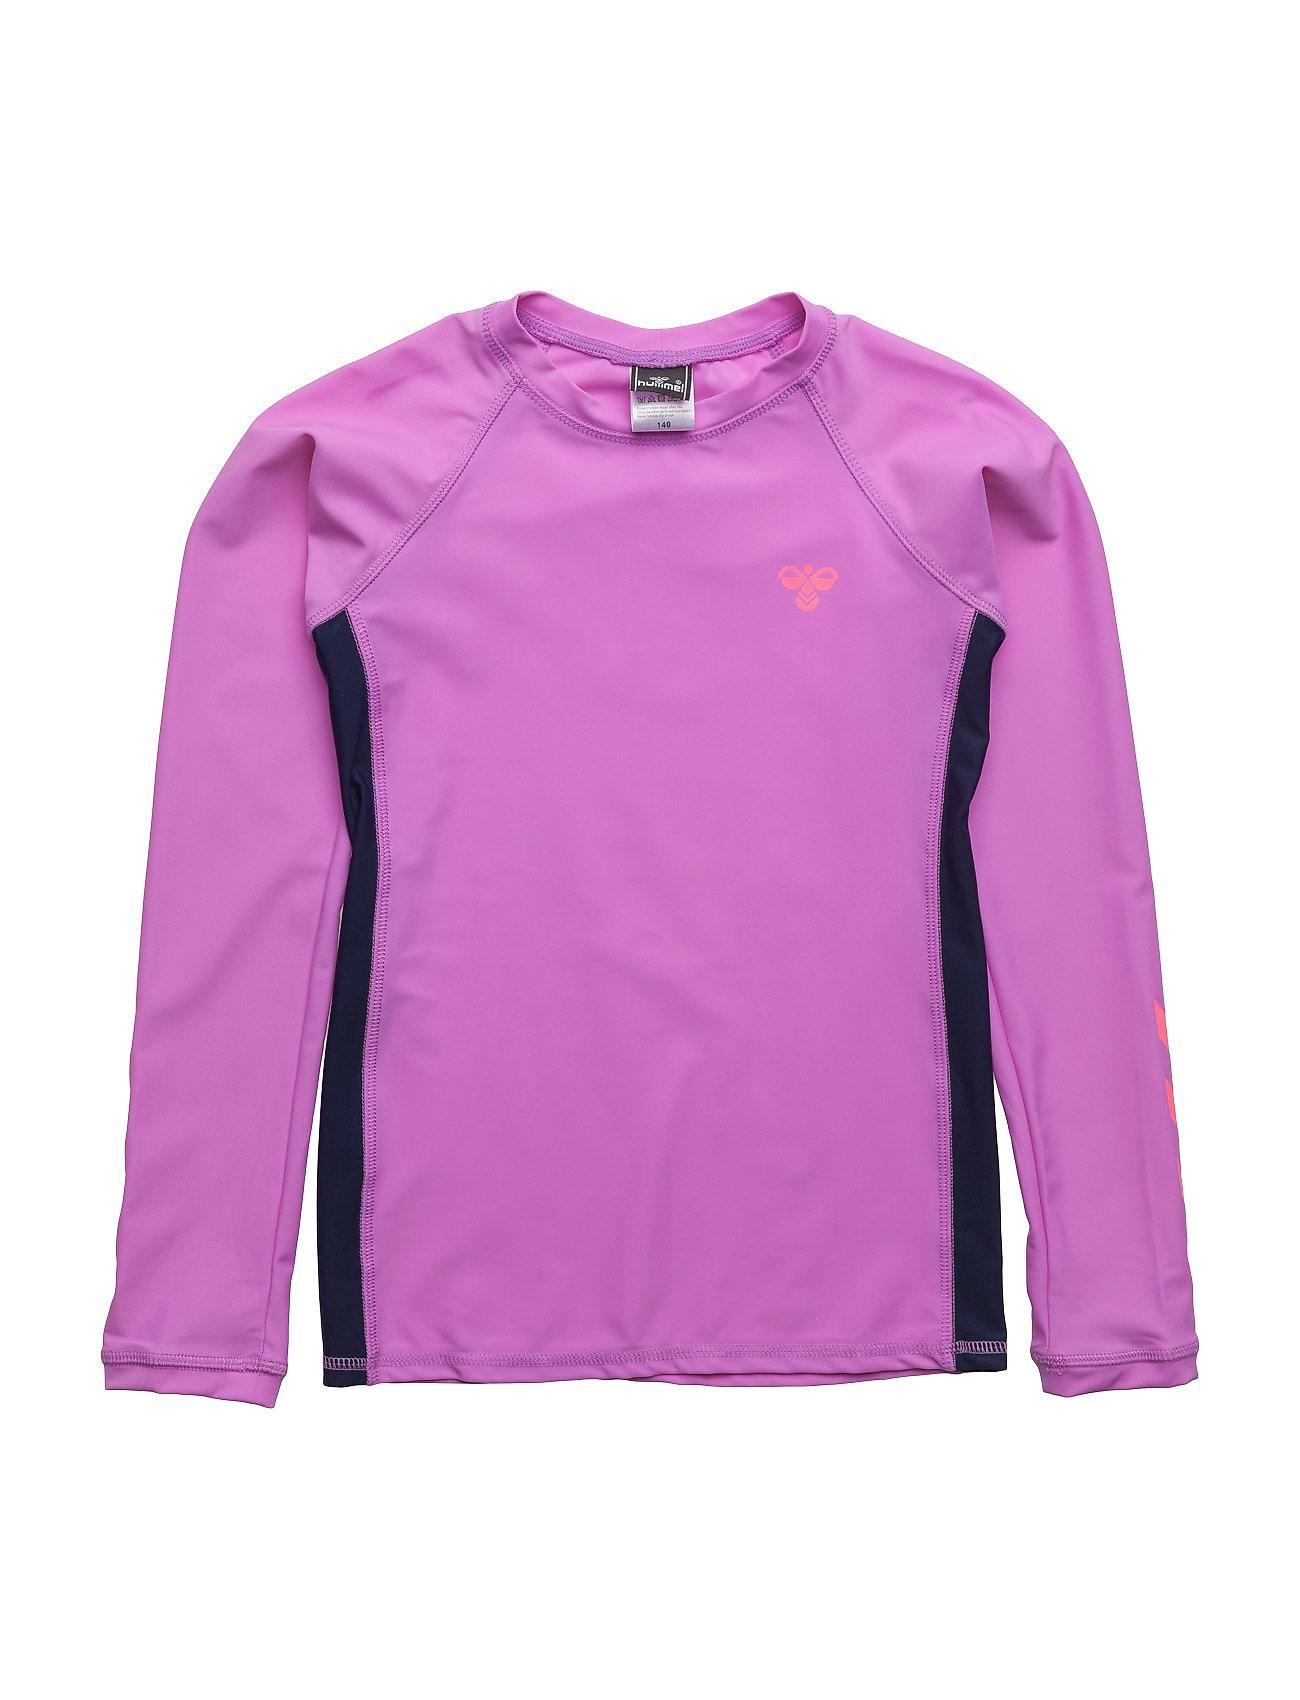 Sidney Swim Tee Ss17 Hummel Bade t-shirts til Børn i